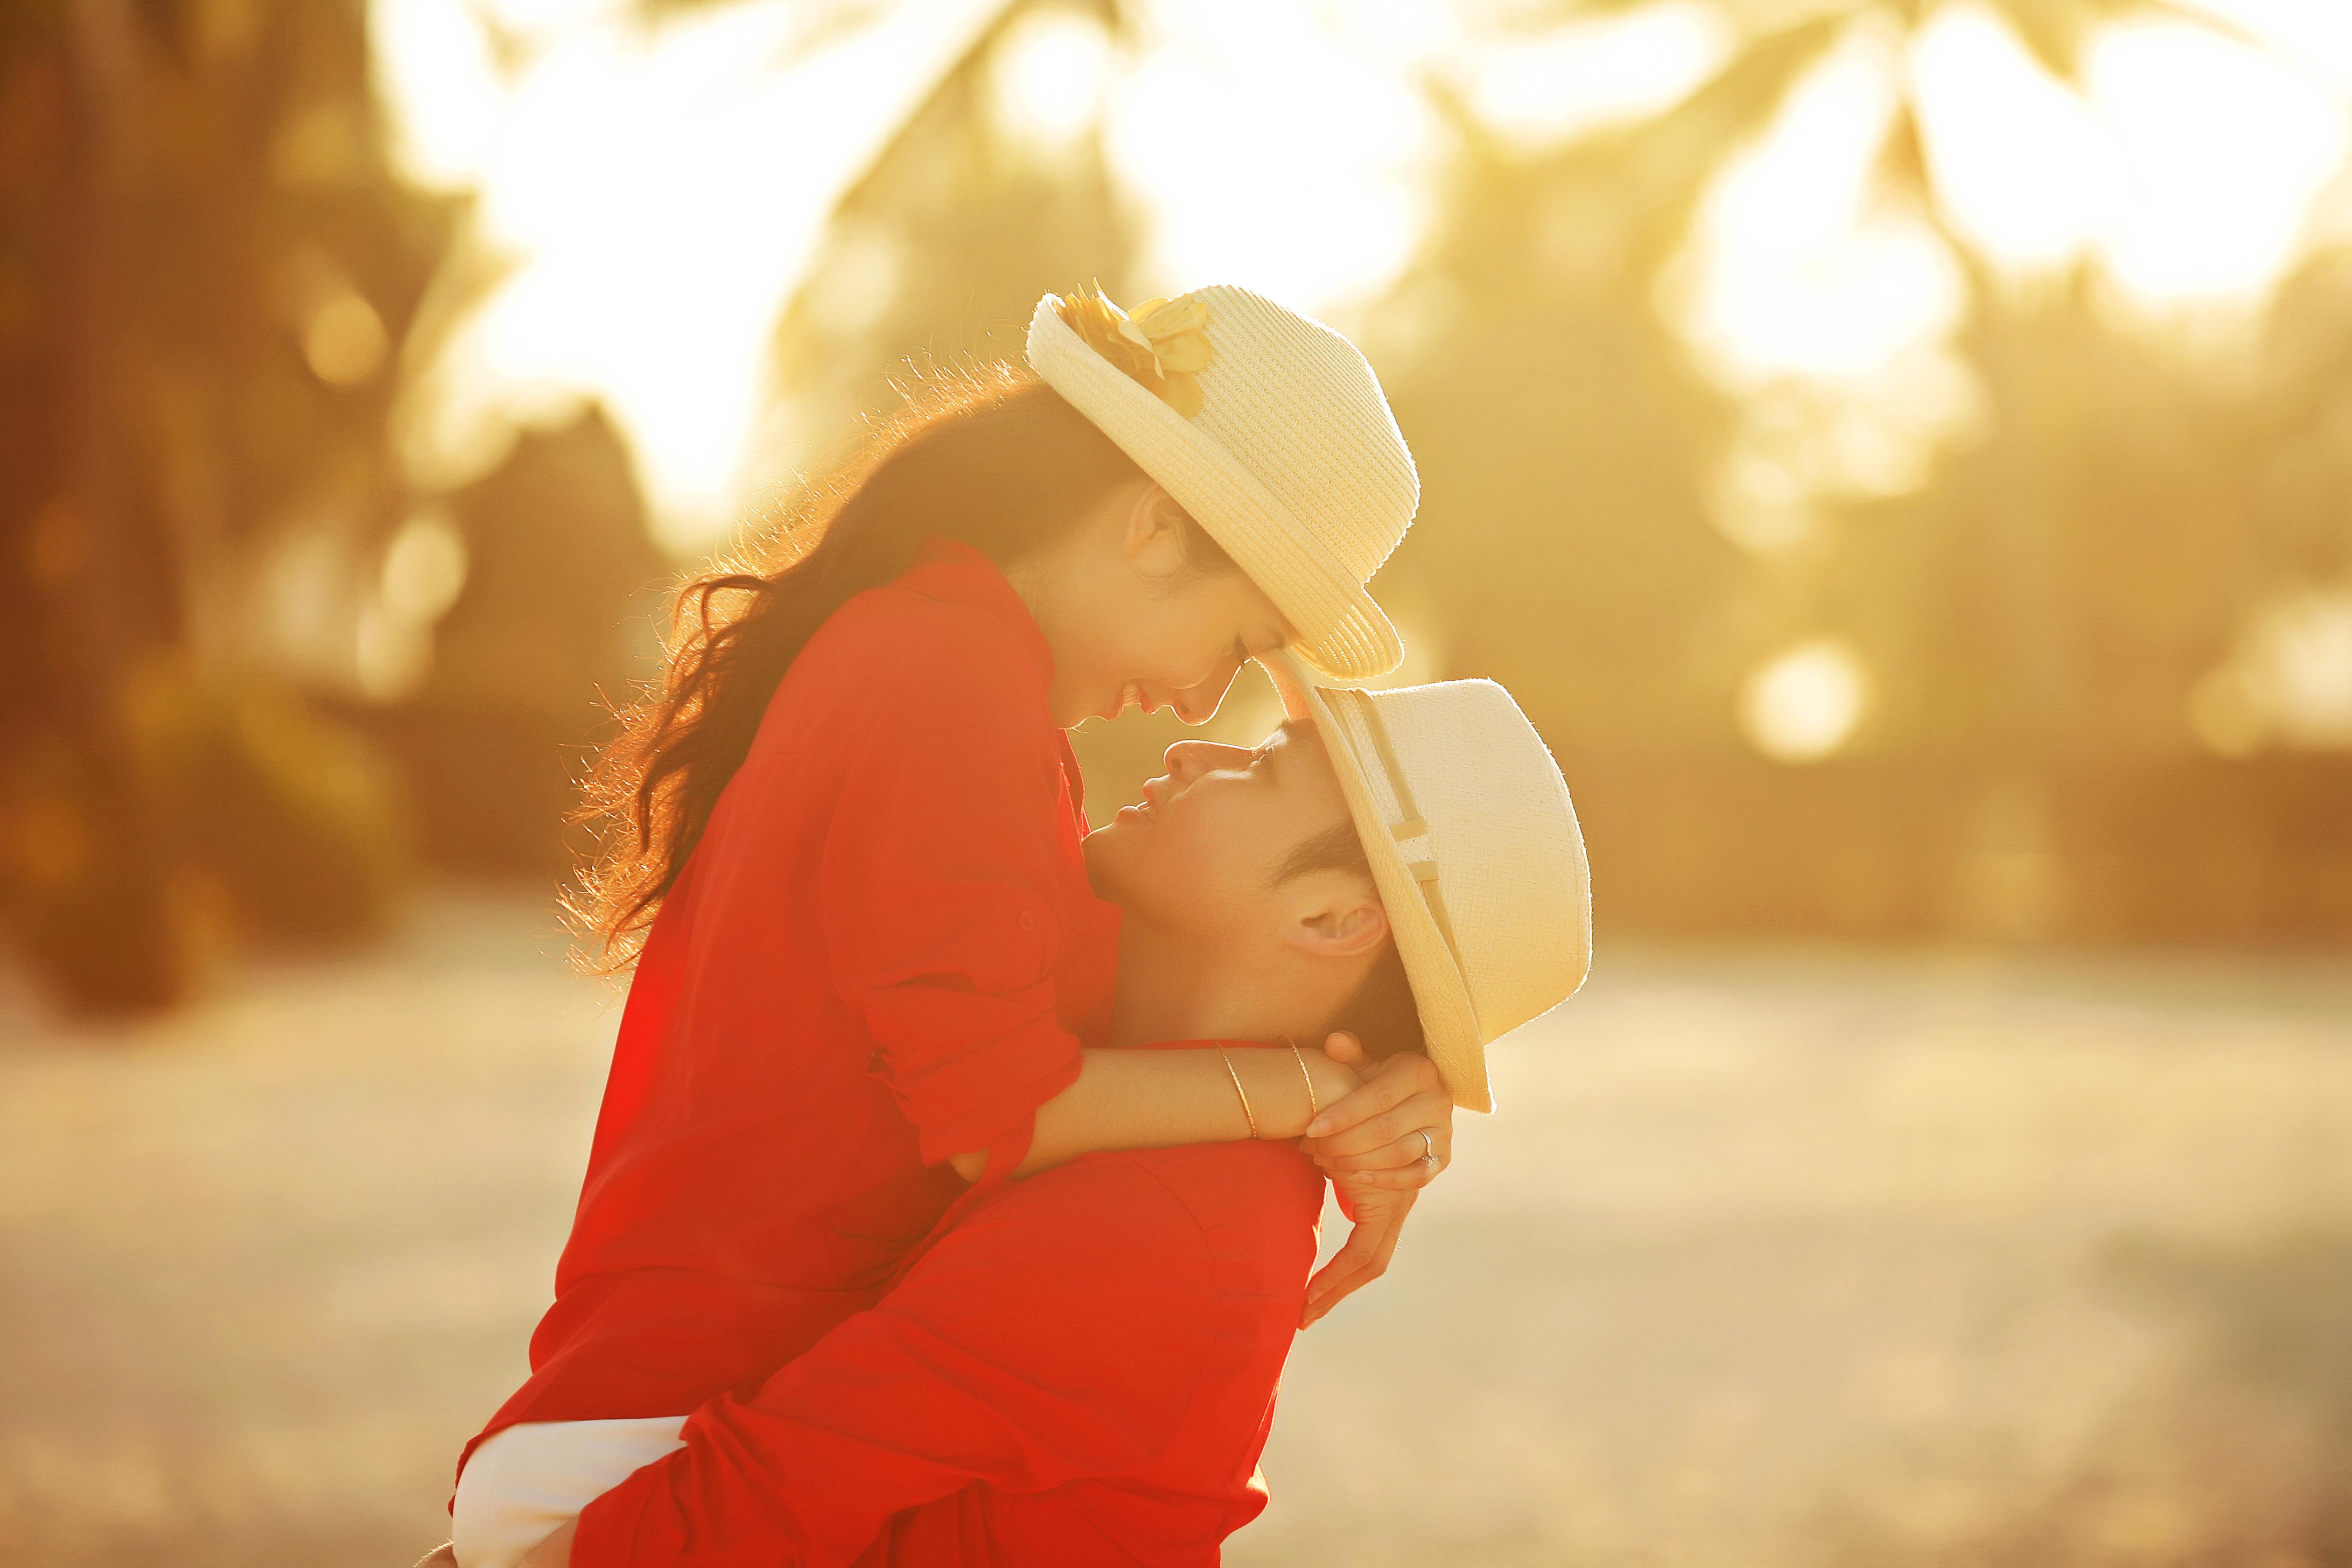 Фото мальчика и девушка, Boy And Girl Love Фото со стоков и изображения 16 фотография